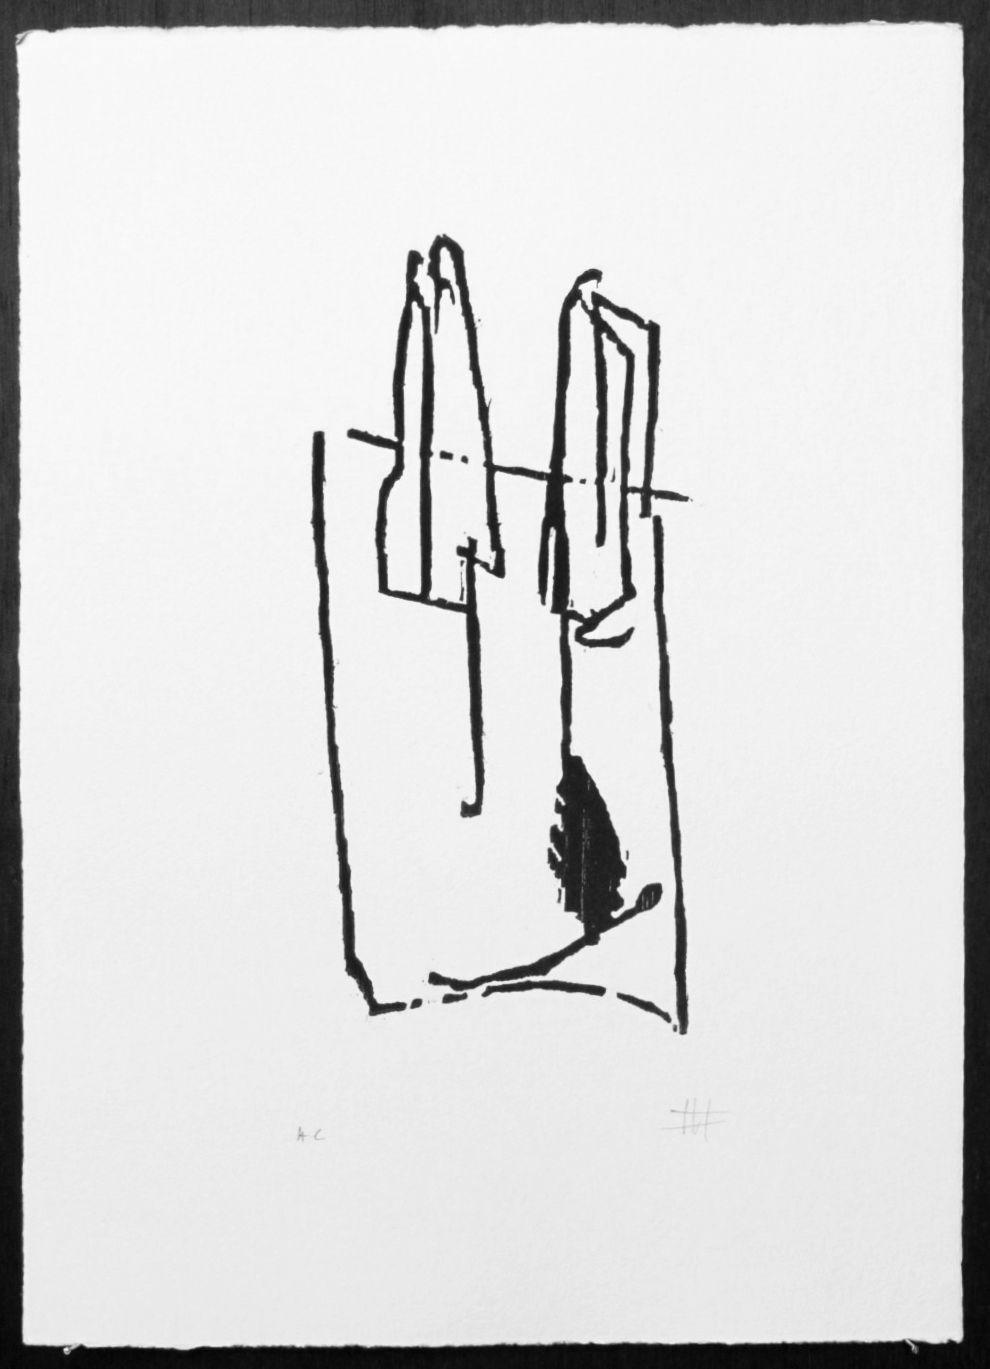 Xilografía del libro homenaje a Jorge Guillen de Koldobika Jauregi